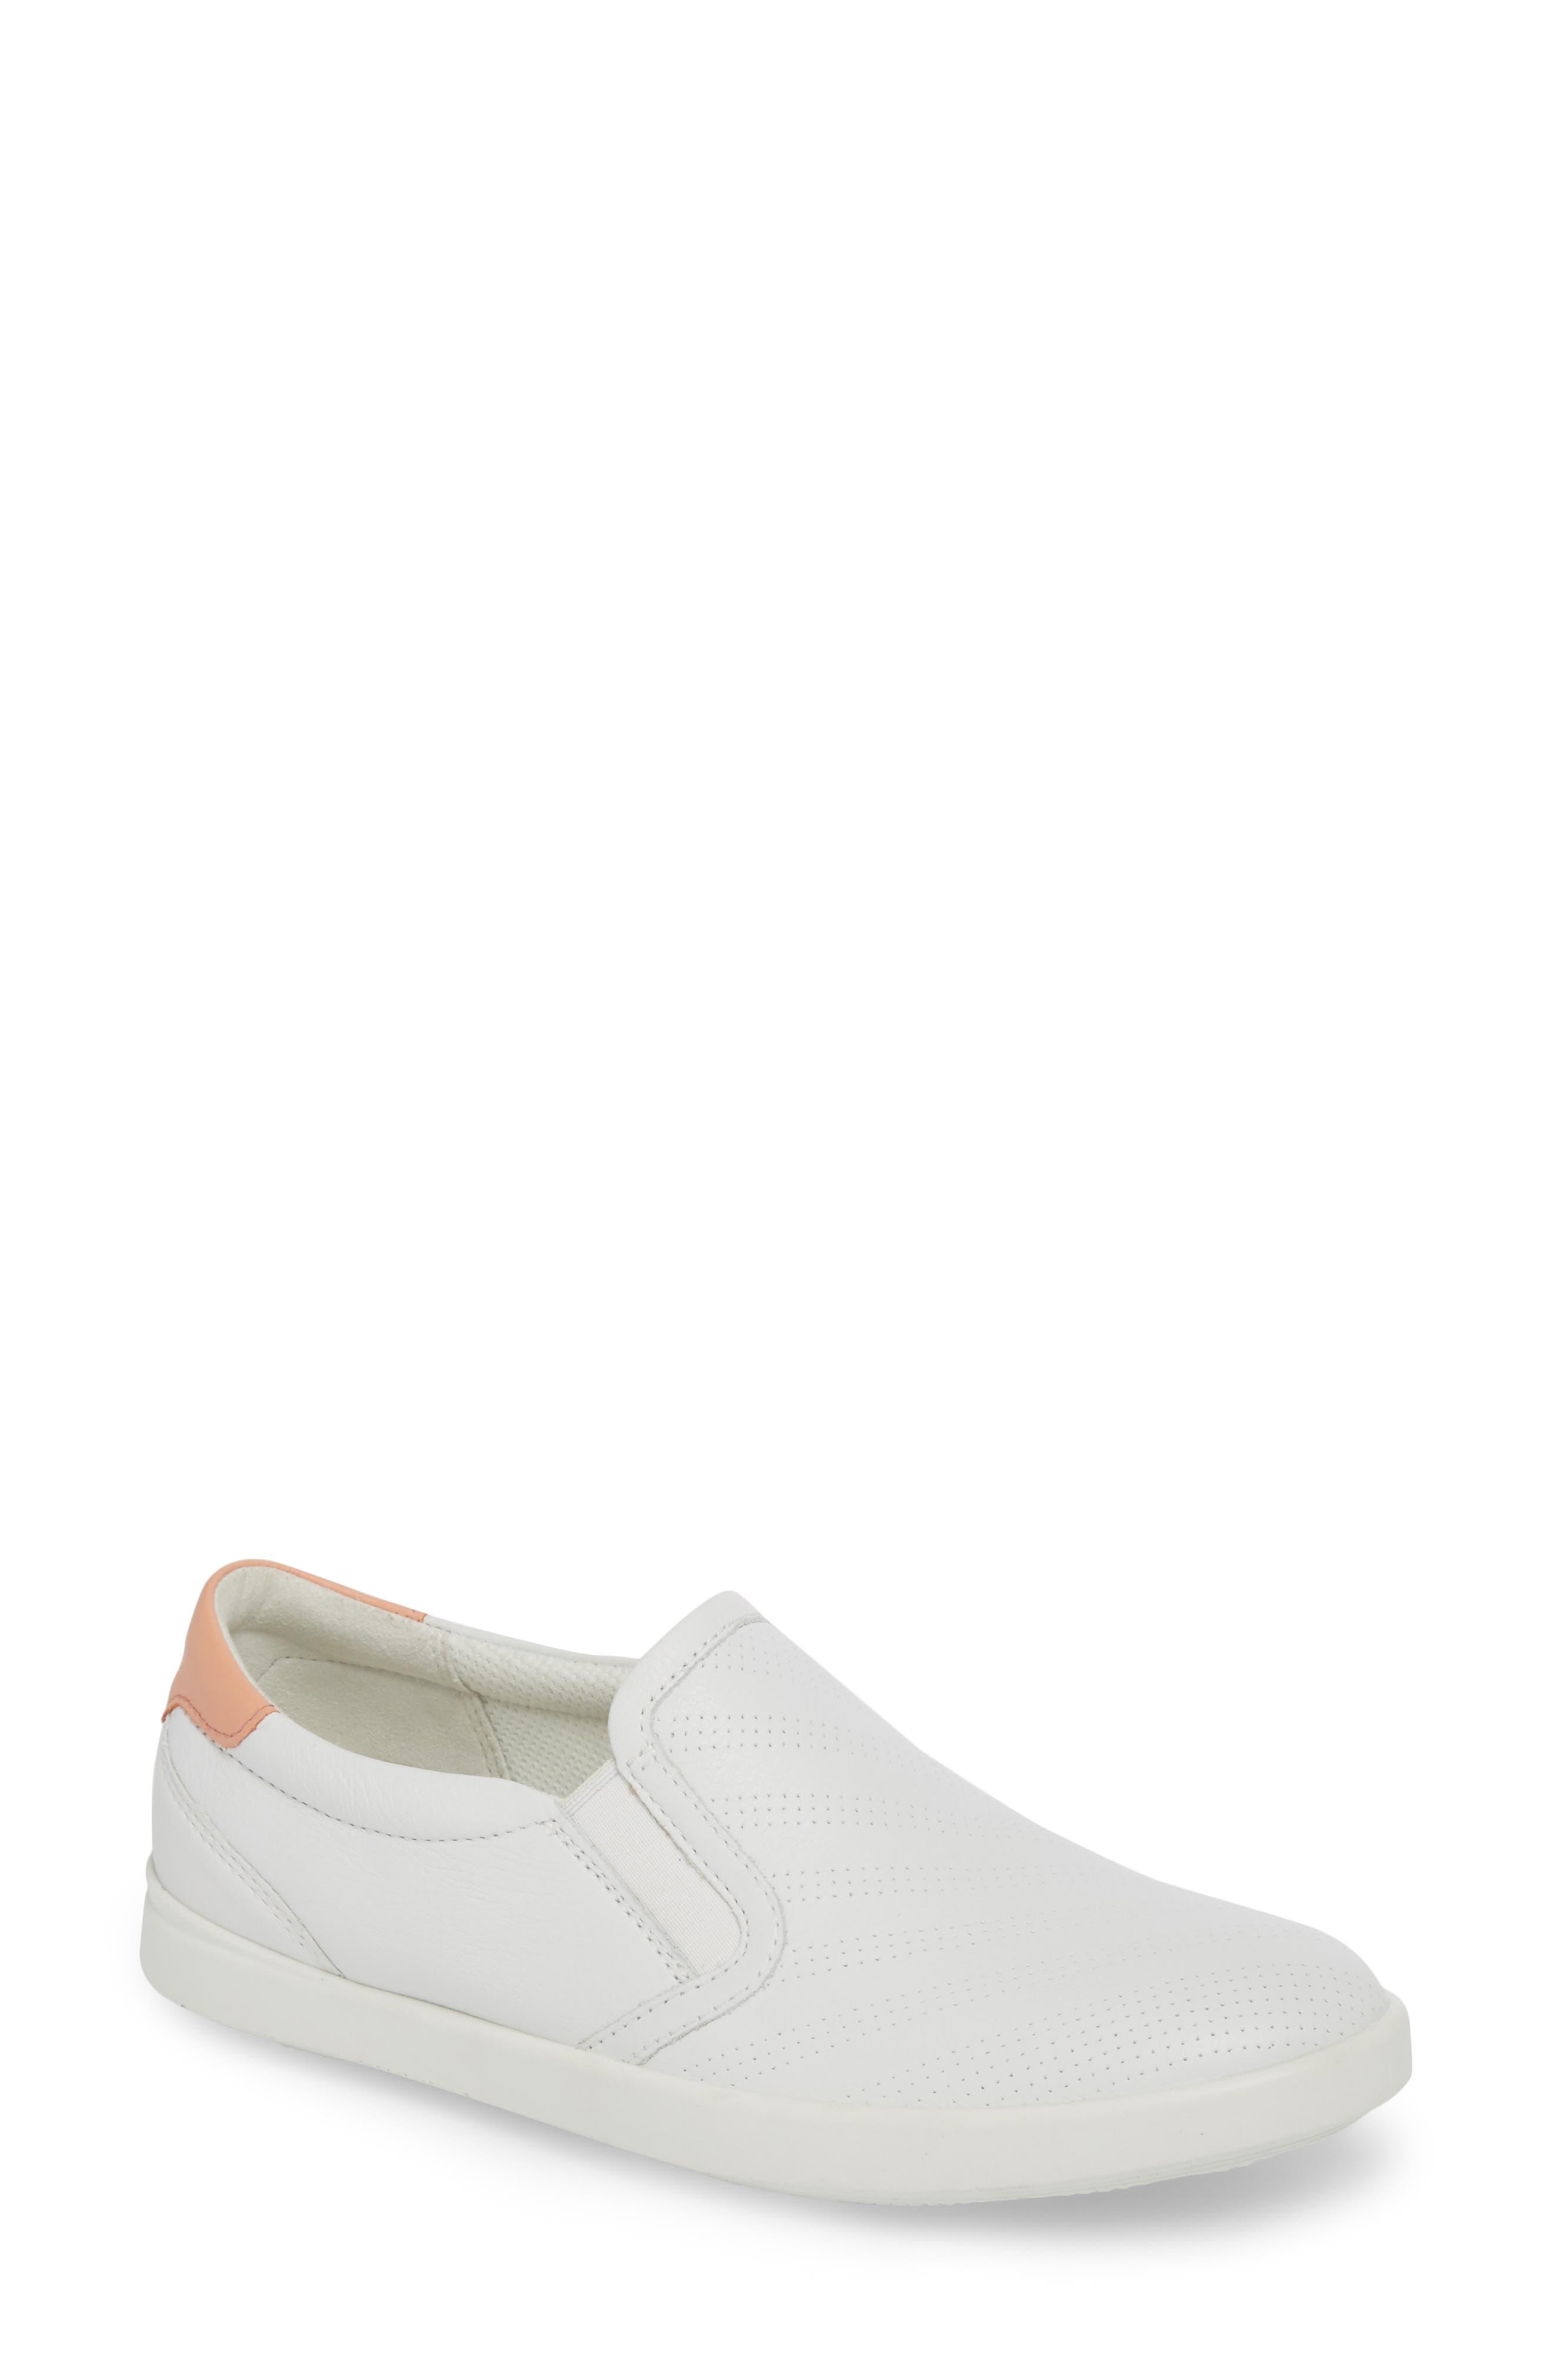 Alternate Image 1 Selected - ECCO 'Aimee' Slip-On Sneaker (Women)